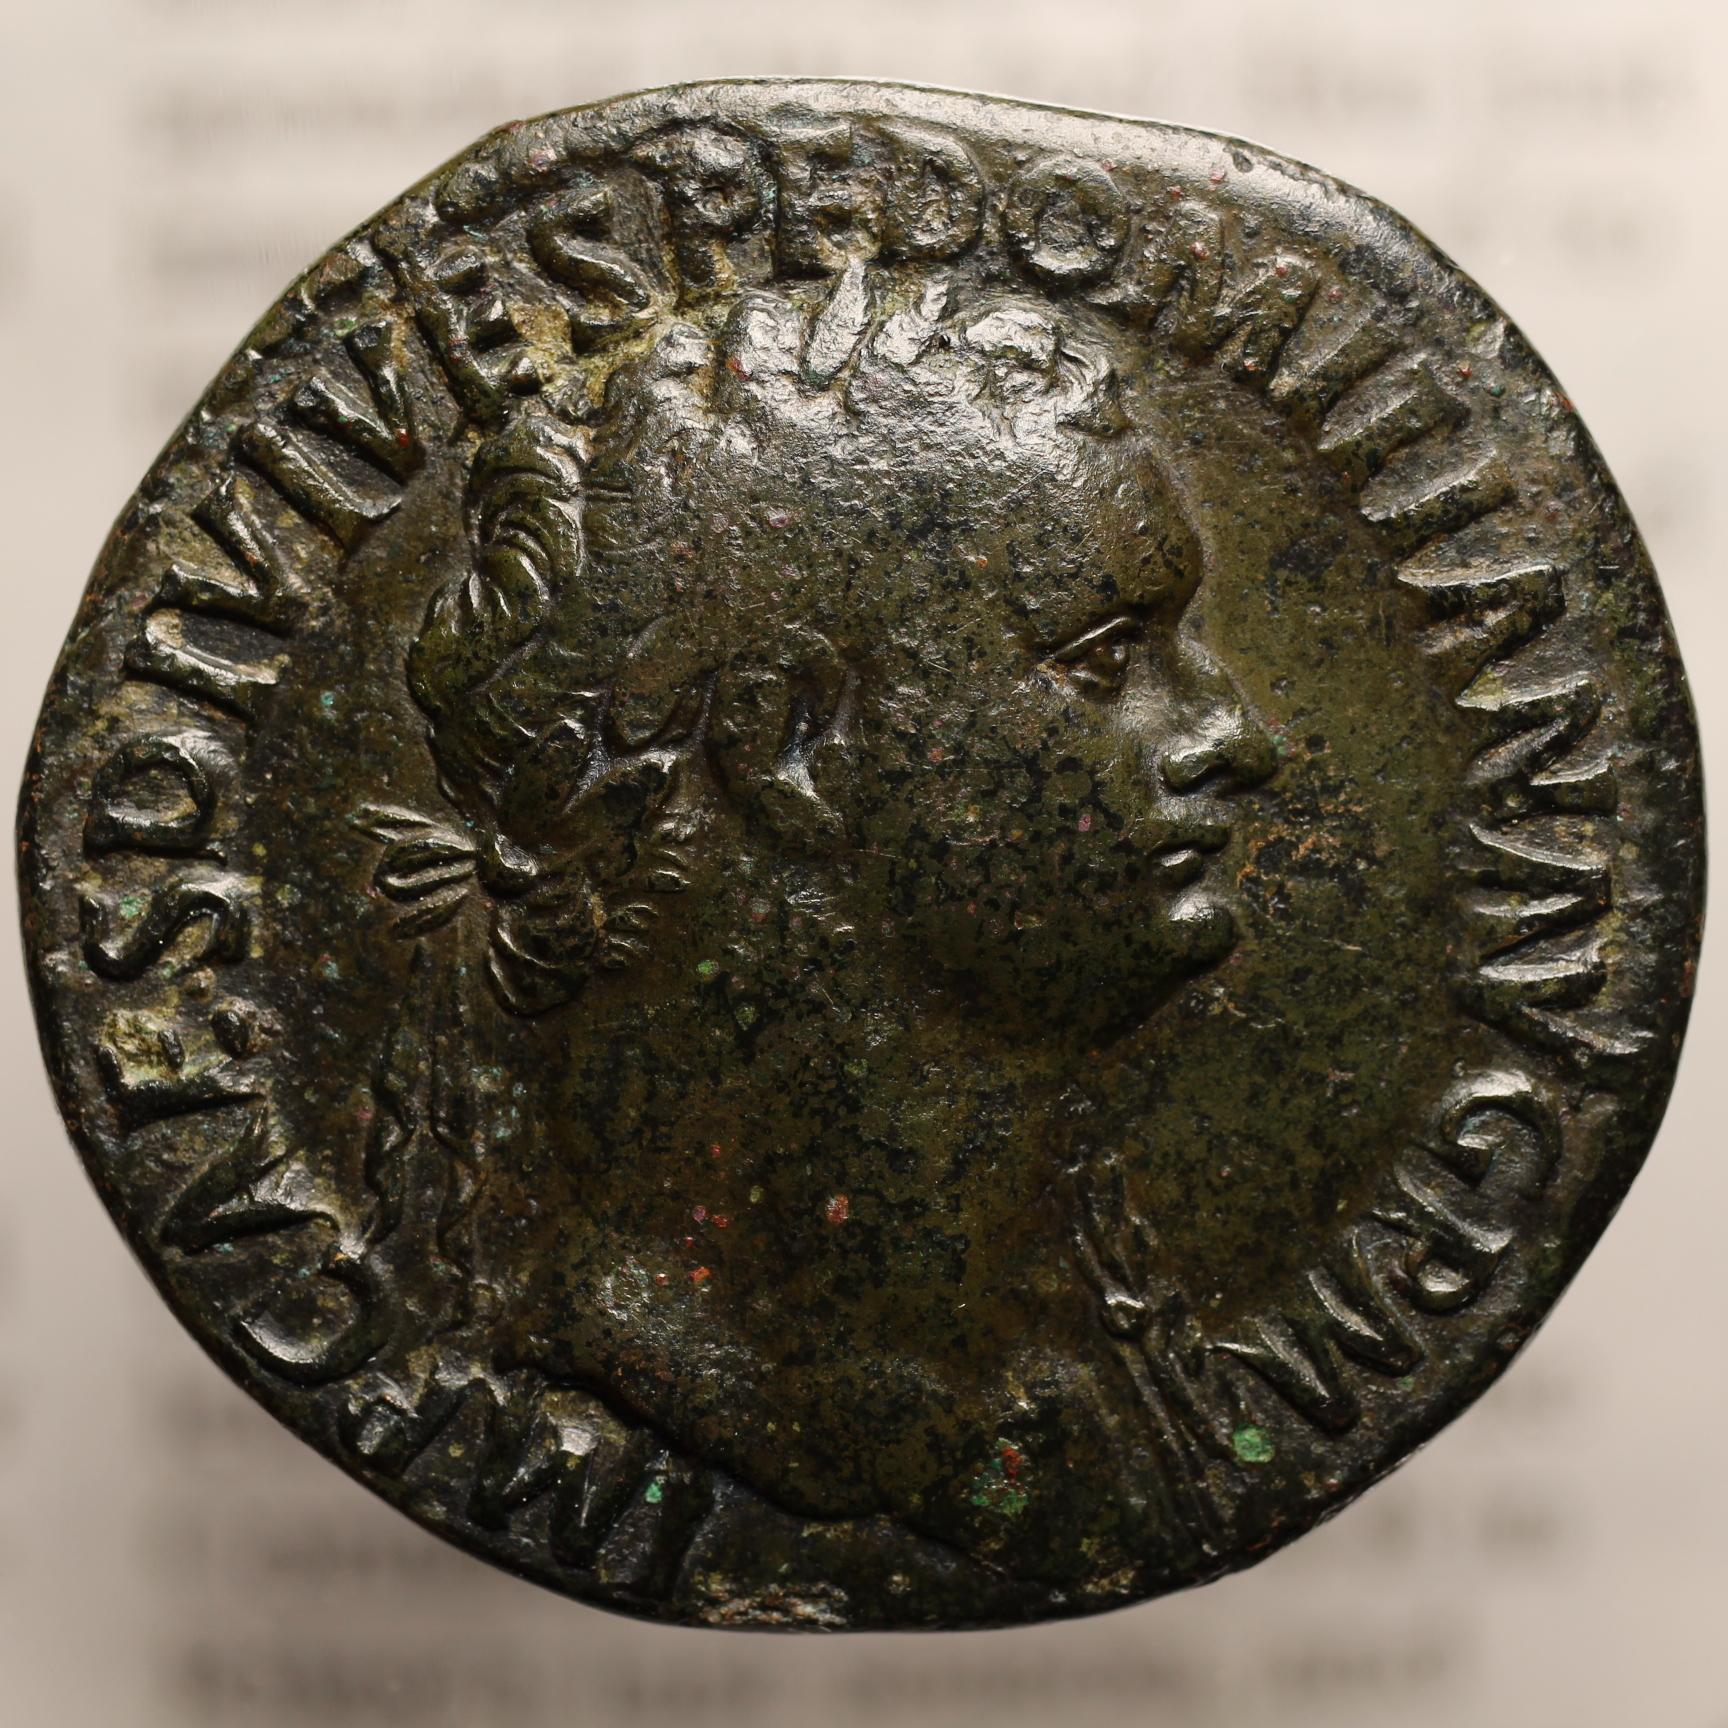 RIC 78A (R3, this coin)